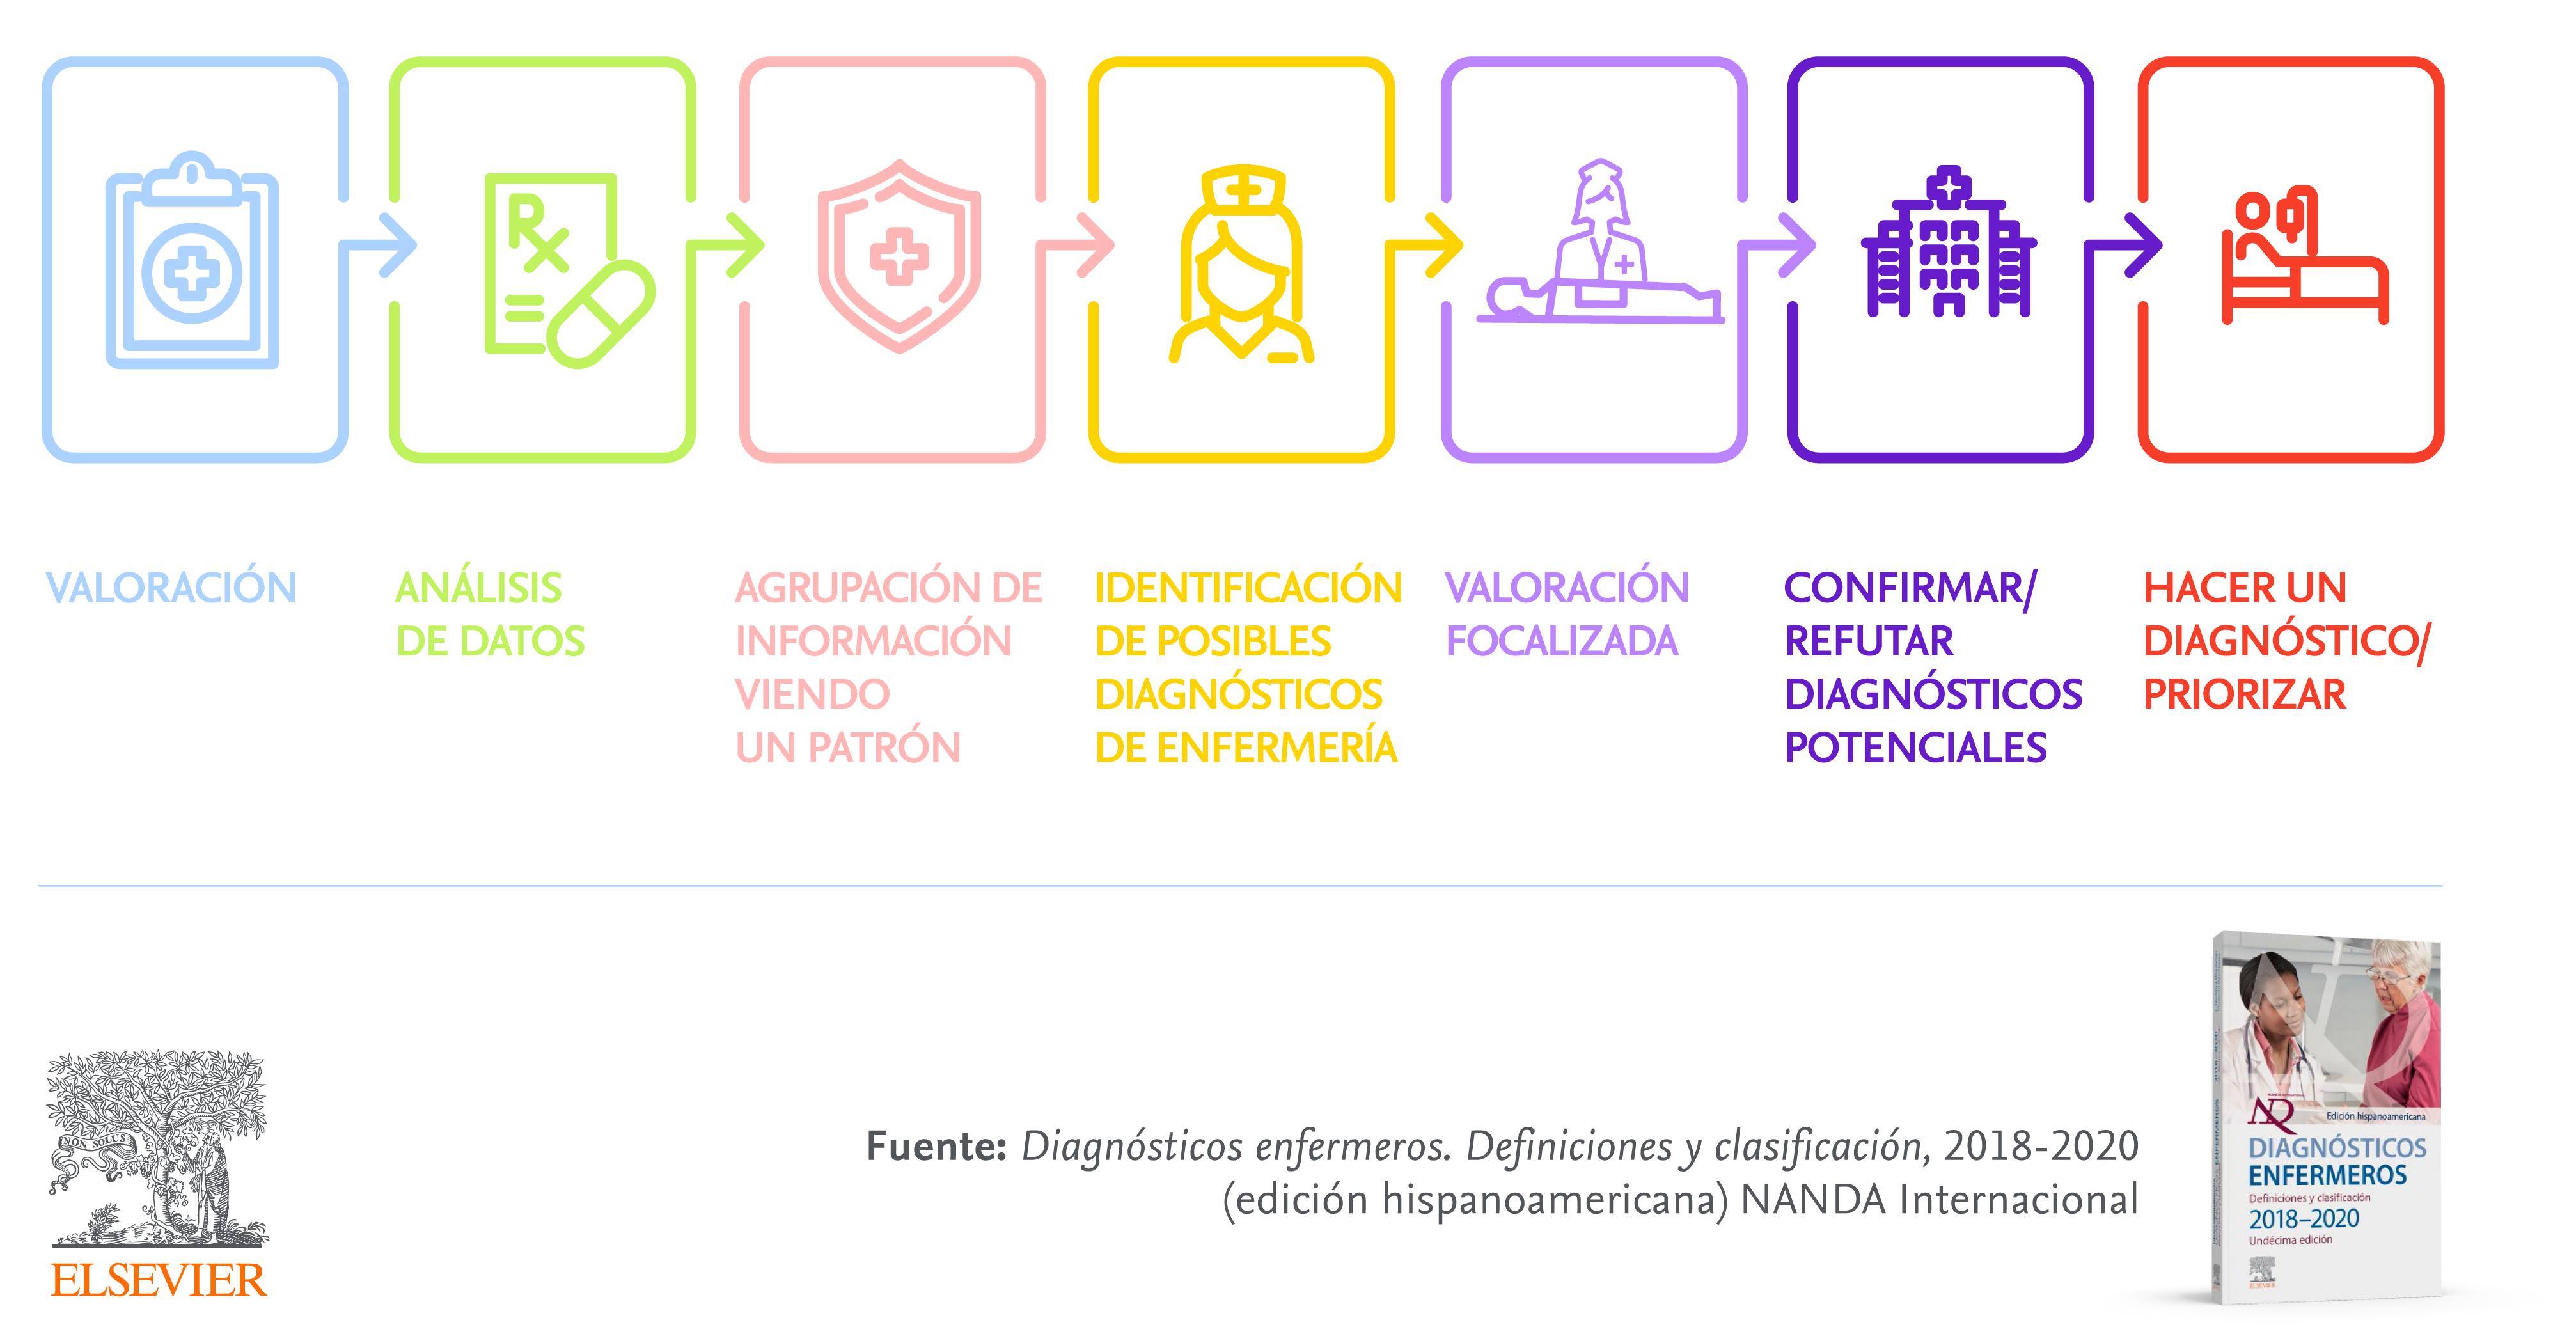 Razonamiento clínico en Enfermería: desde la valoración al diagnóstico